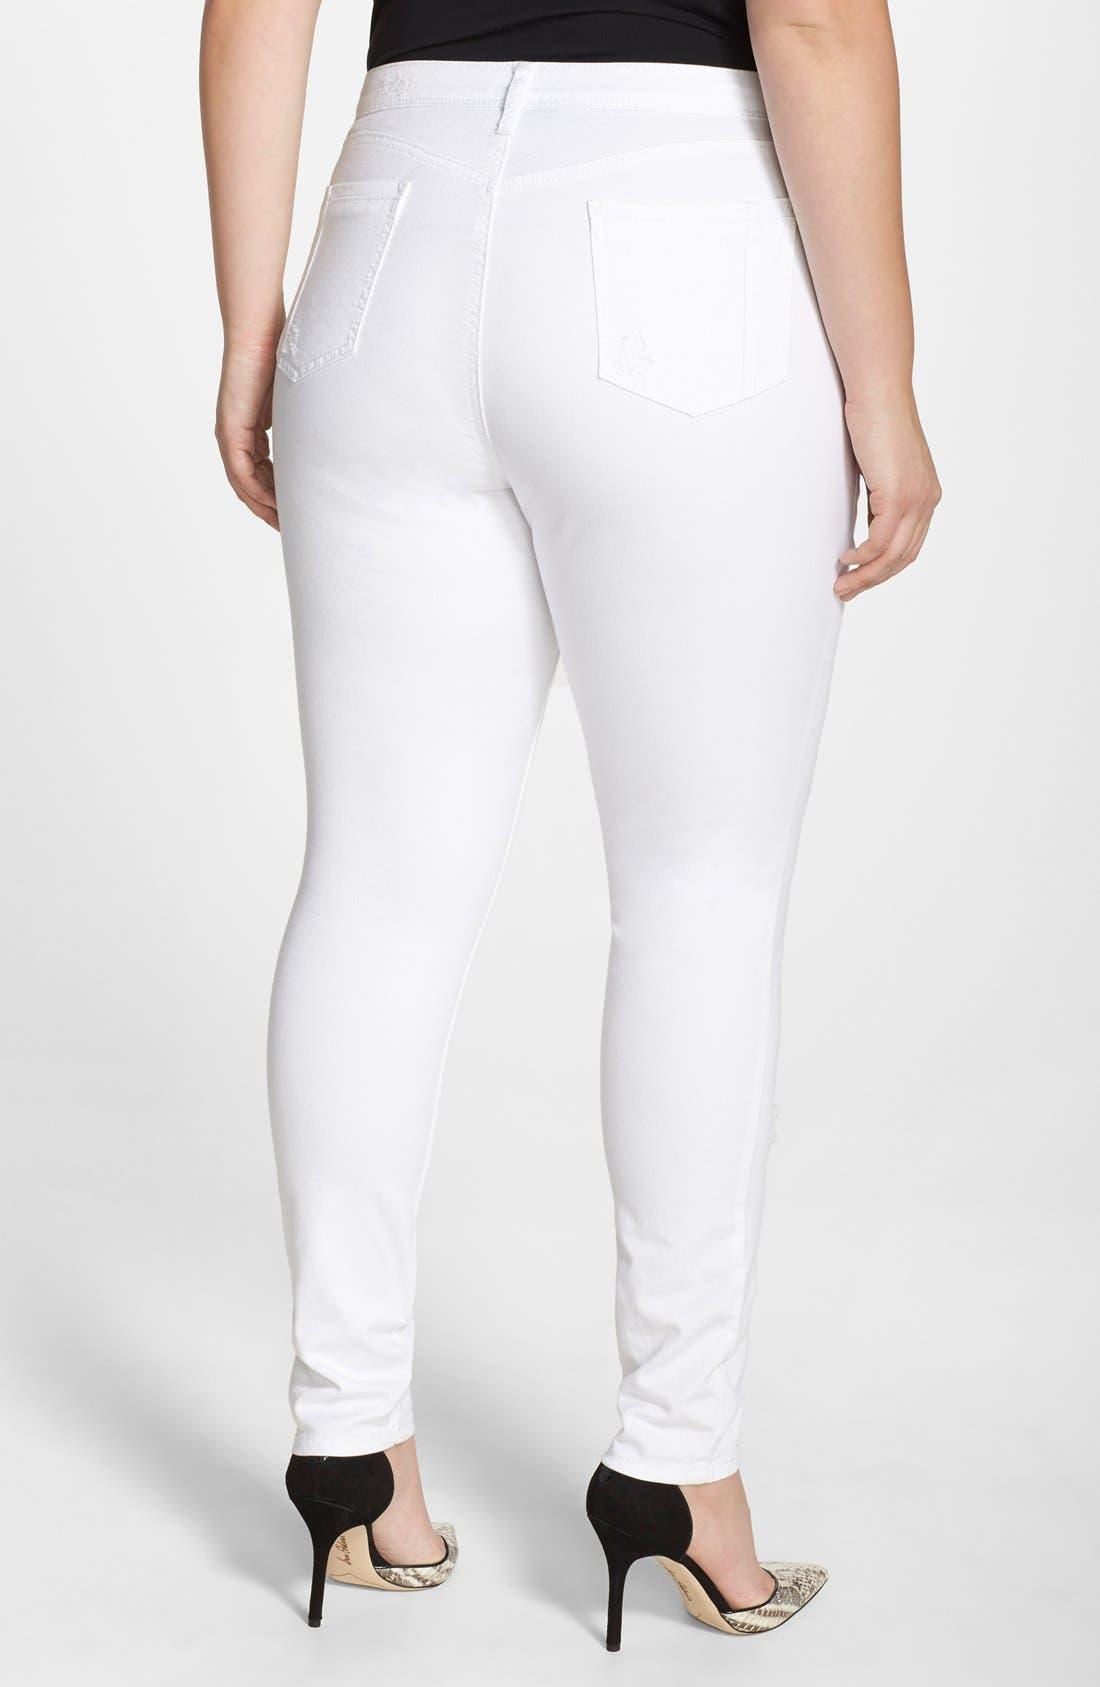 'Maya' Destroyed White Skinny Jeans,                             Alternate thumbnail 2, color,                             CASPER